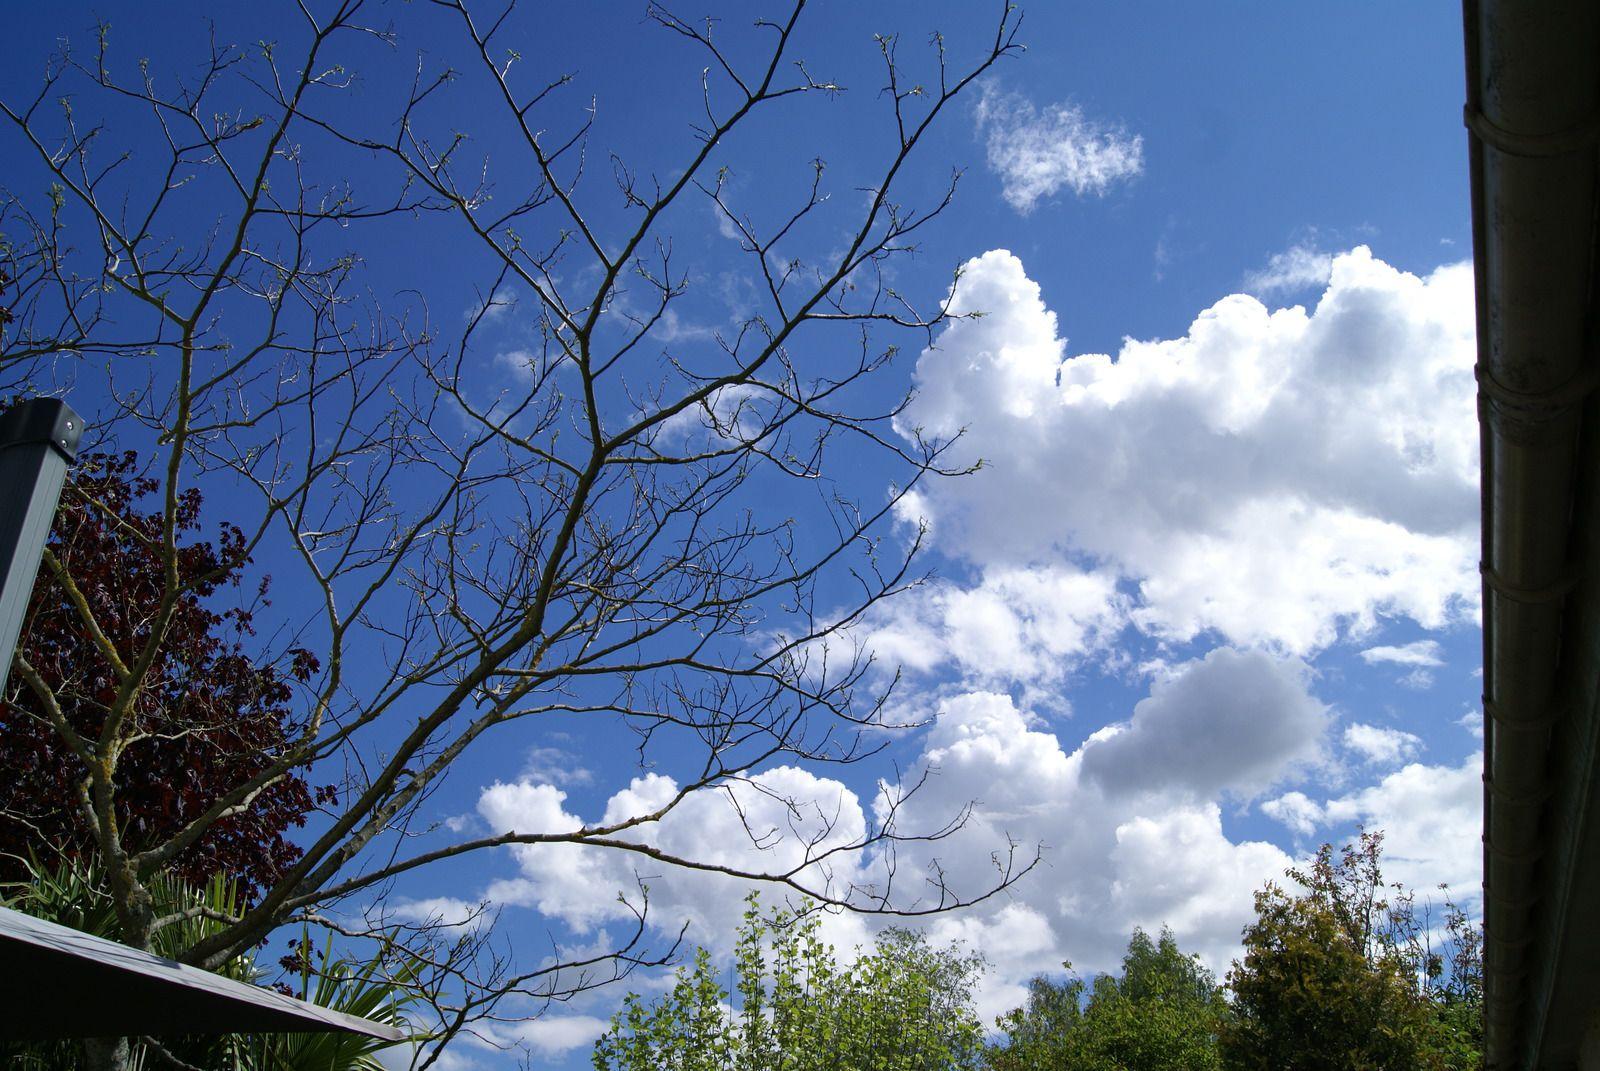 Ce que dit le ciel